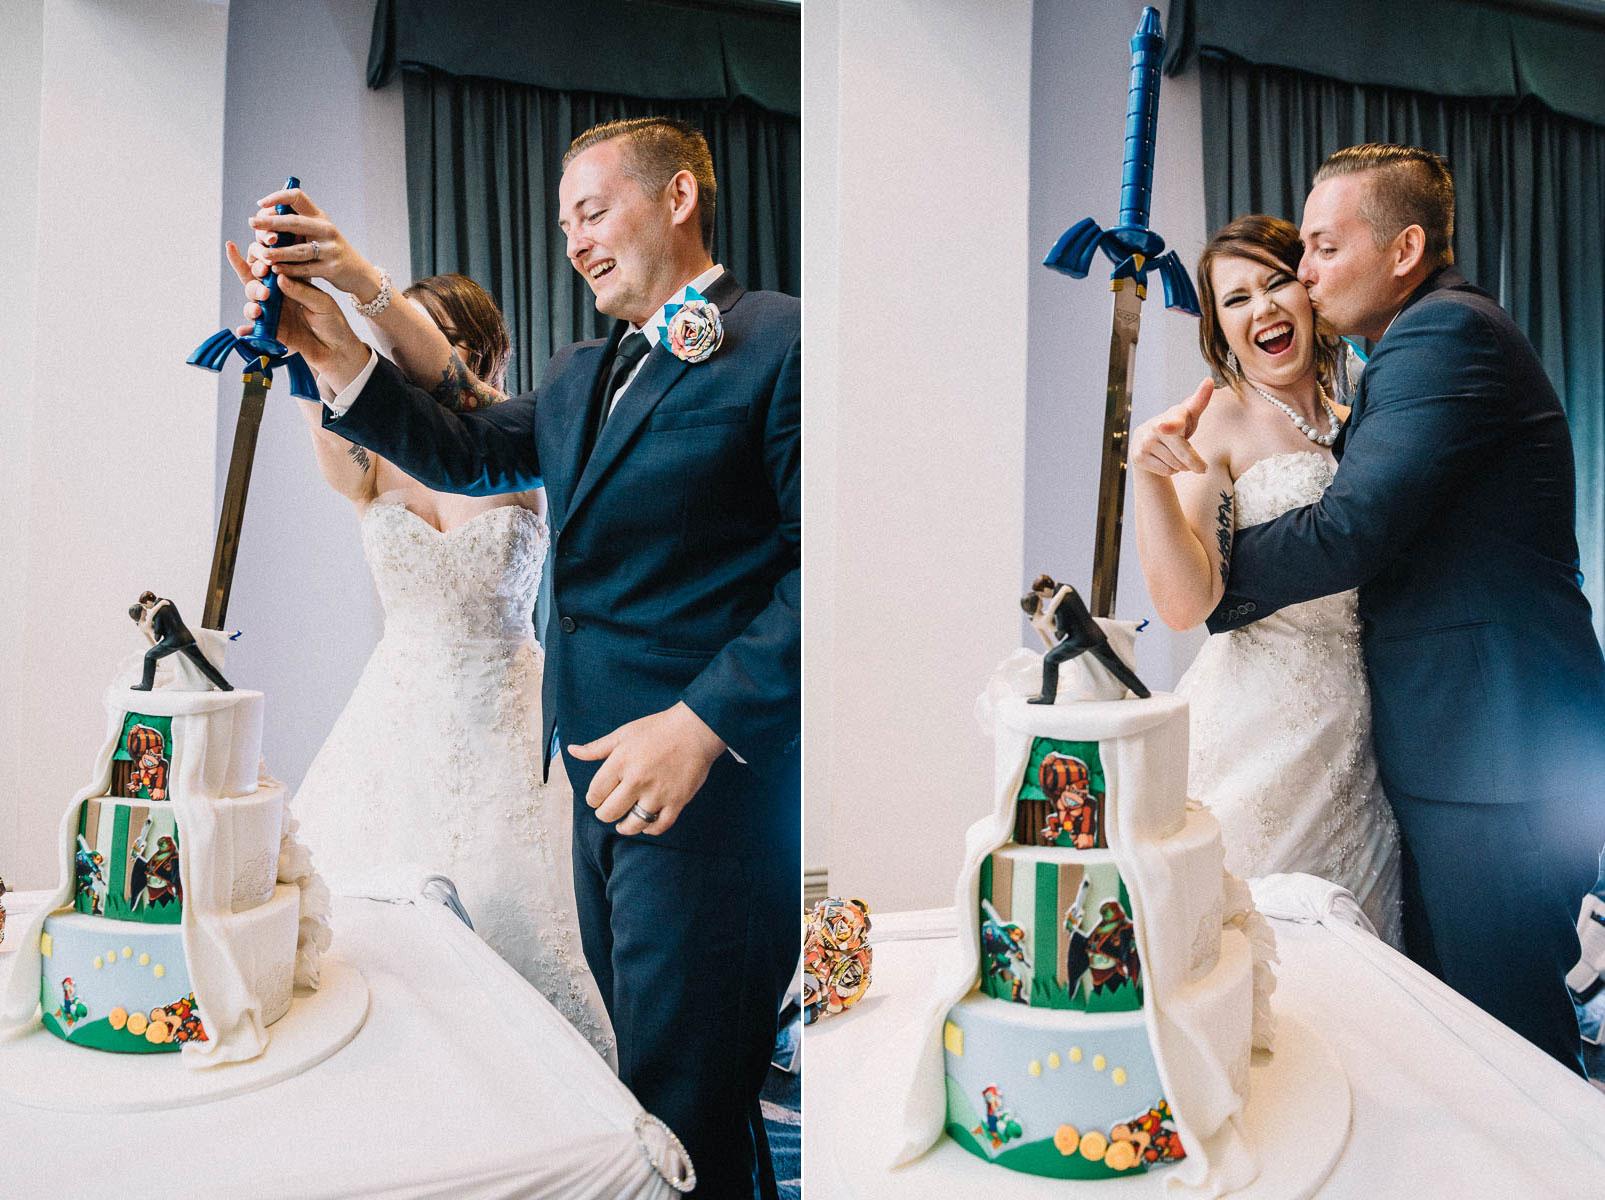 perth-fremantle-quirky-geeky-wedding-69.jpg